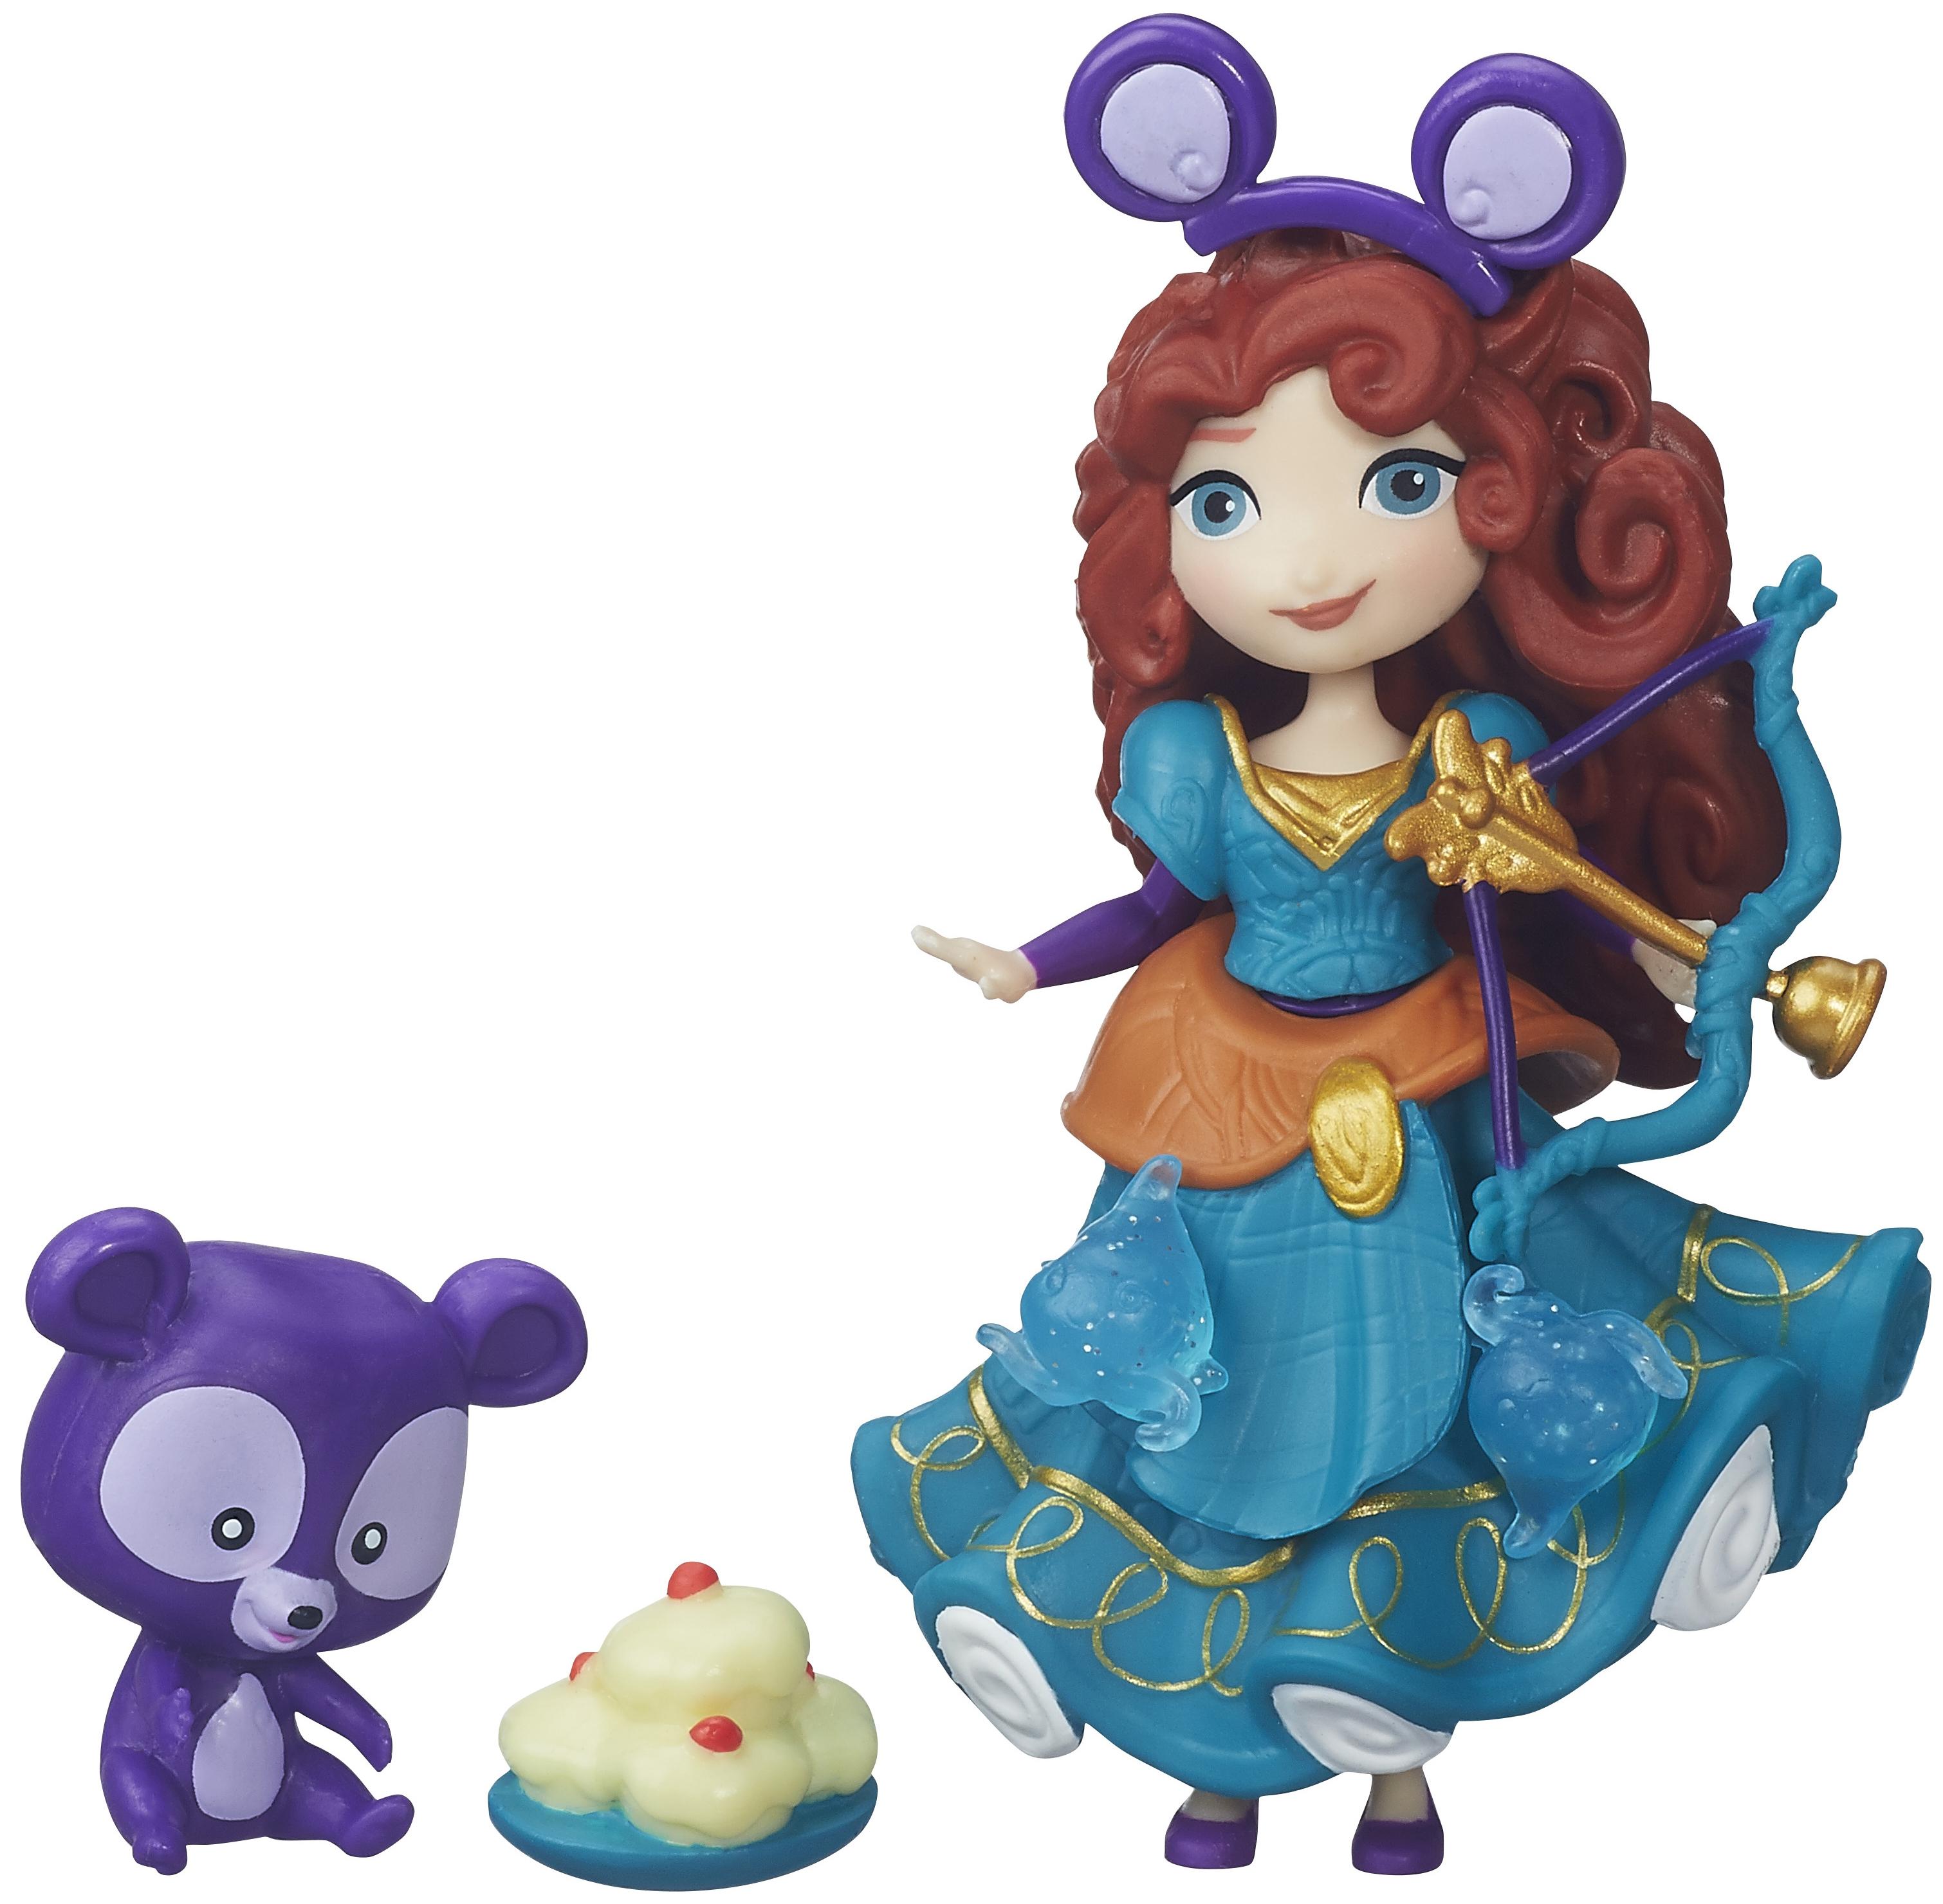 Disney Princess Disney Princess Маленькая Принцесса и ее друг disney princess disney princess маленькая кукла принцесса плавающая на круге